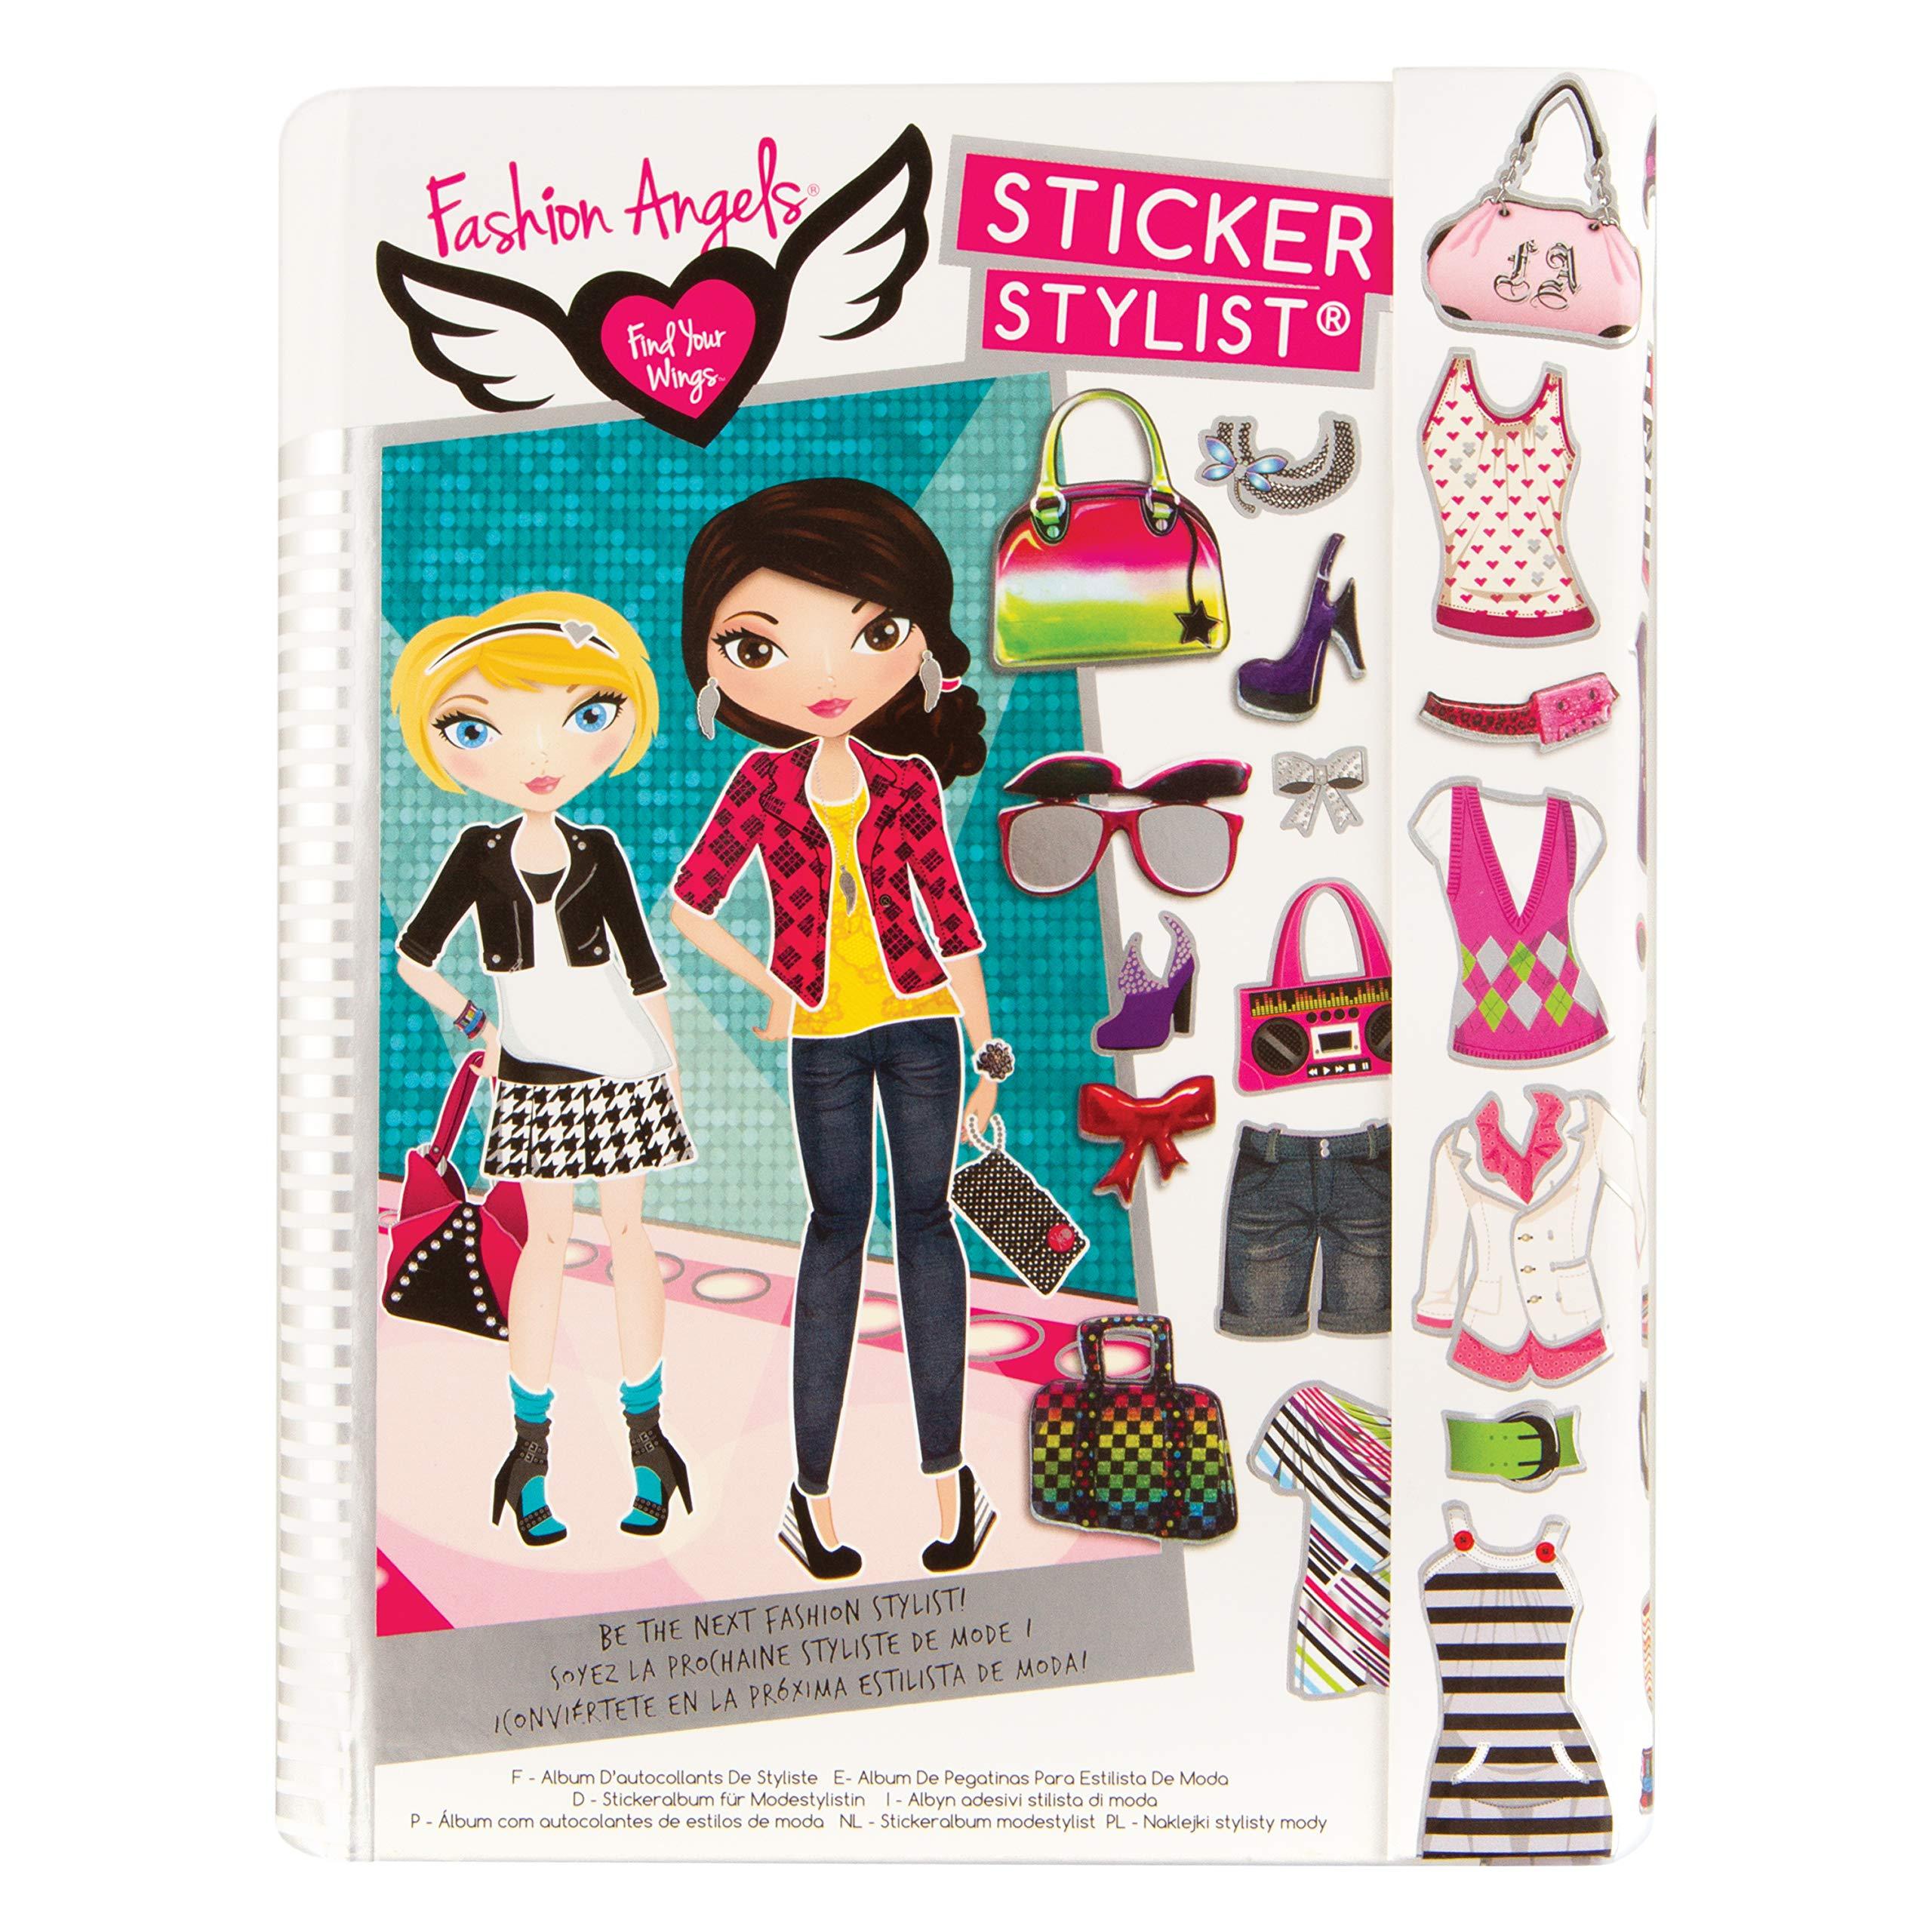 Fashion Angels Sticker Stylist